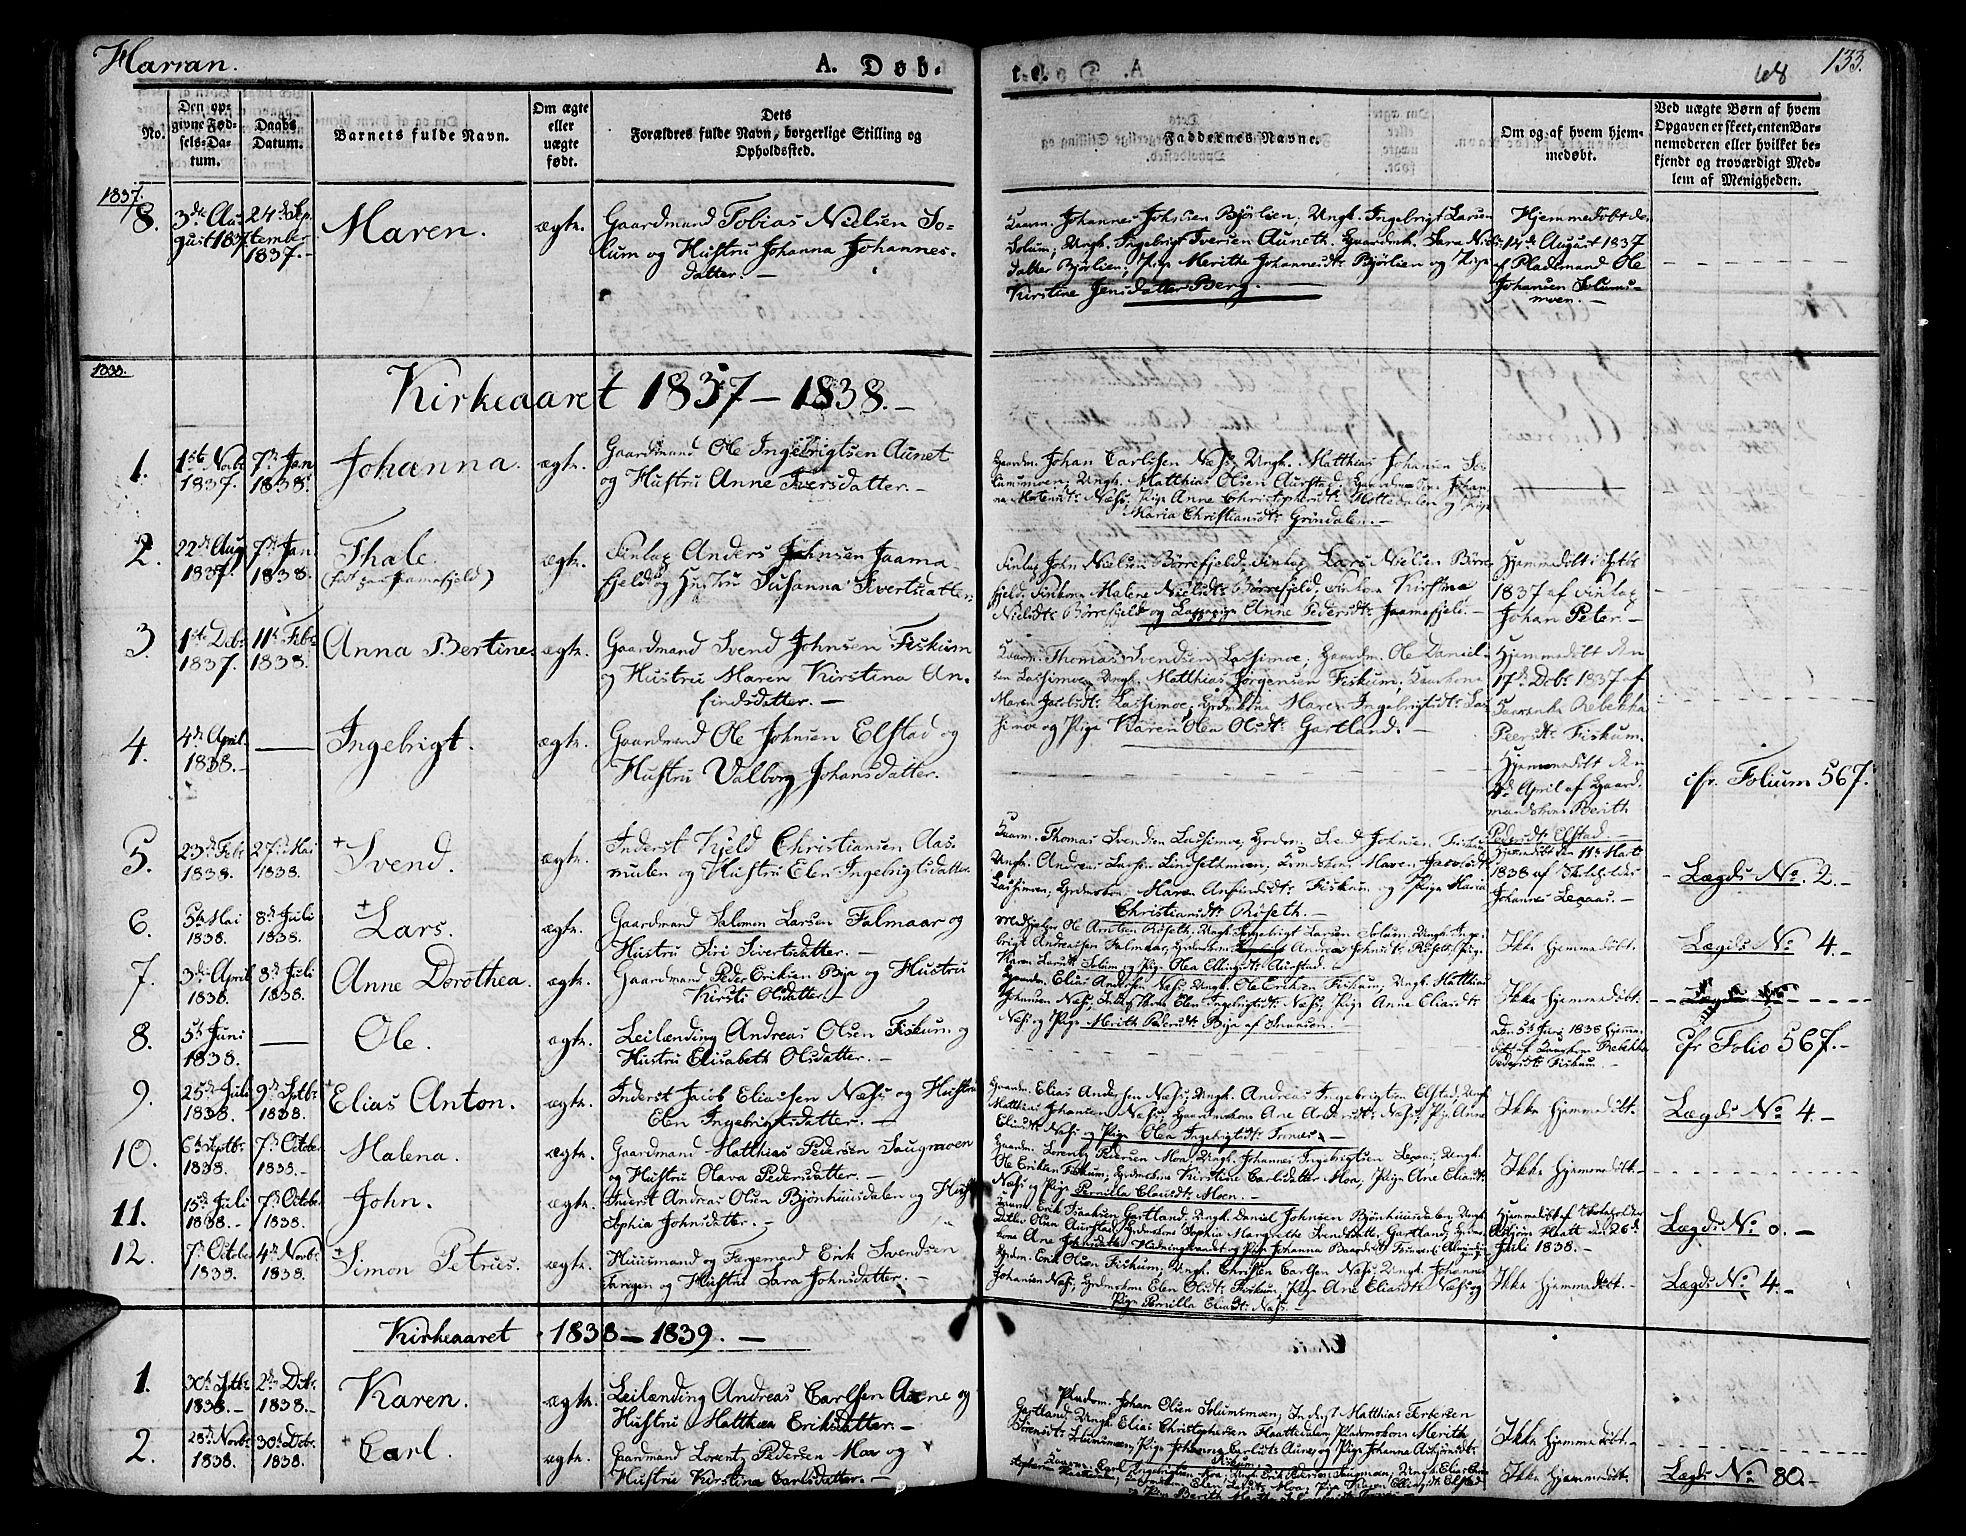 SAT, Ministerialprotokoller, klokkerbøker og fødselsregistre - Nord-Trøndelag, 758/L0510: Ministerialbok nr. 758A01 /3, 1821-1841, s. 68